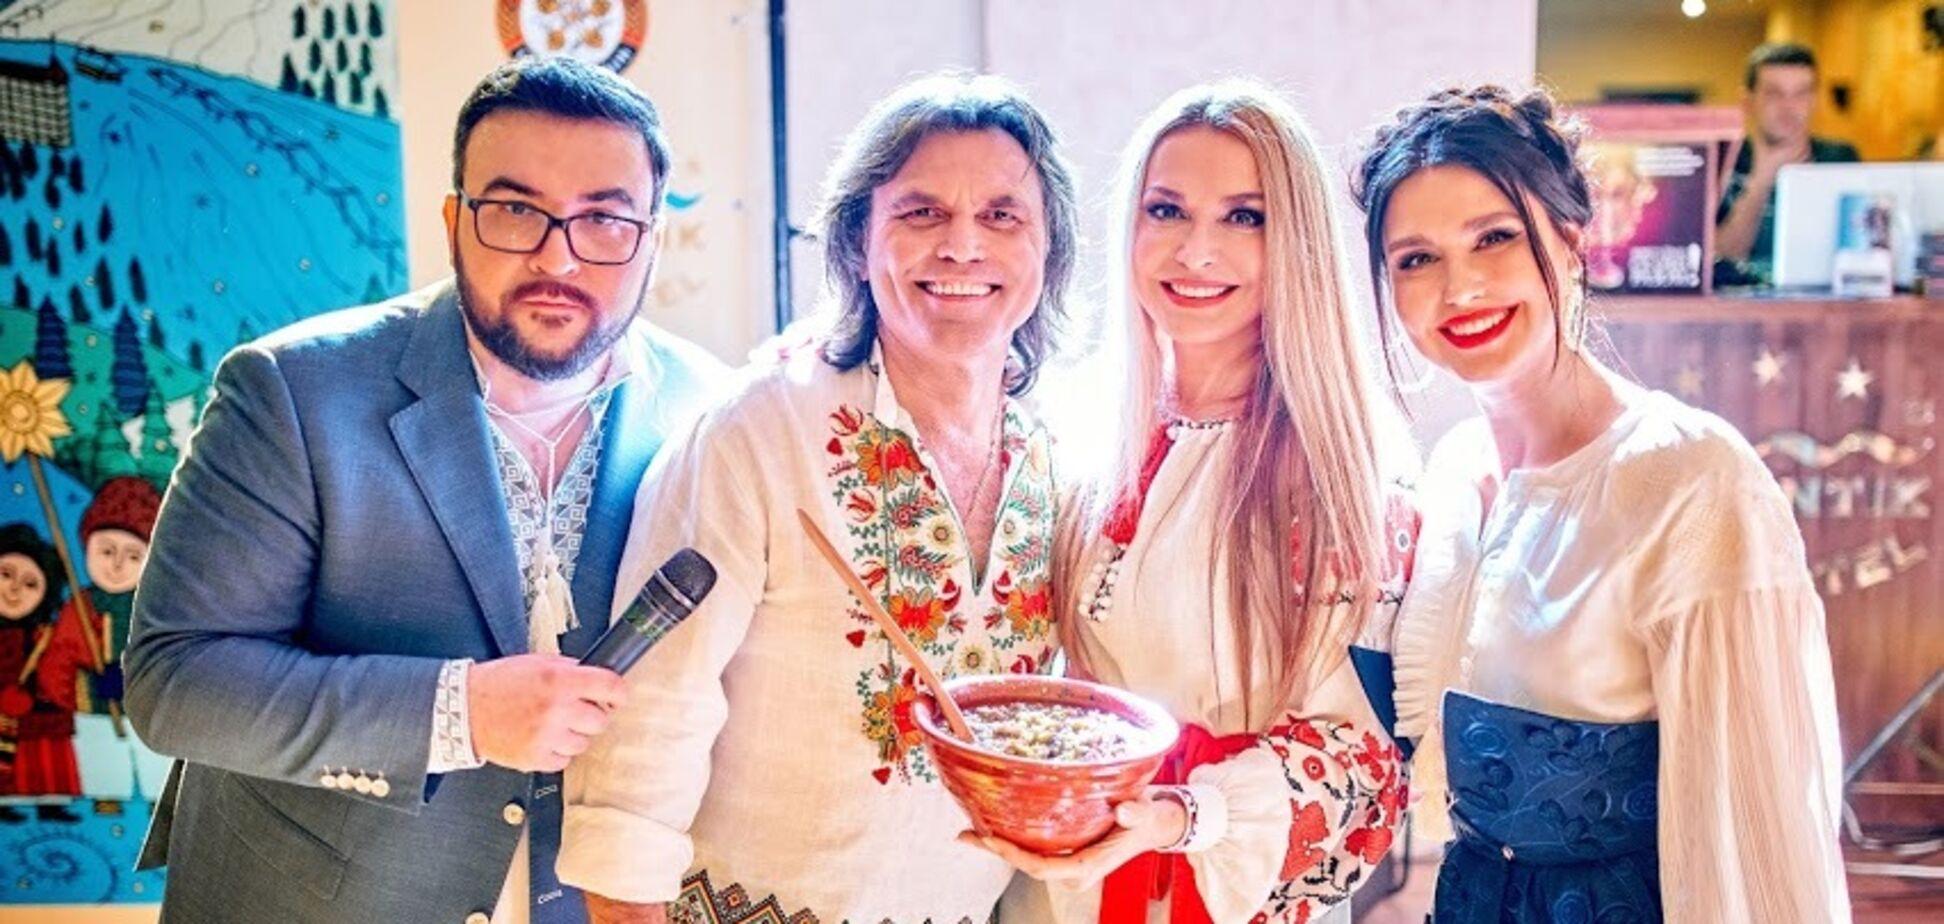 Українські зірки зустріли Різдво в Карпатах, де позмагалися за звання найкращого кулінара